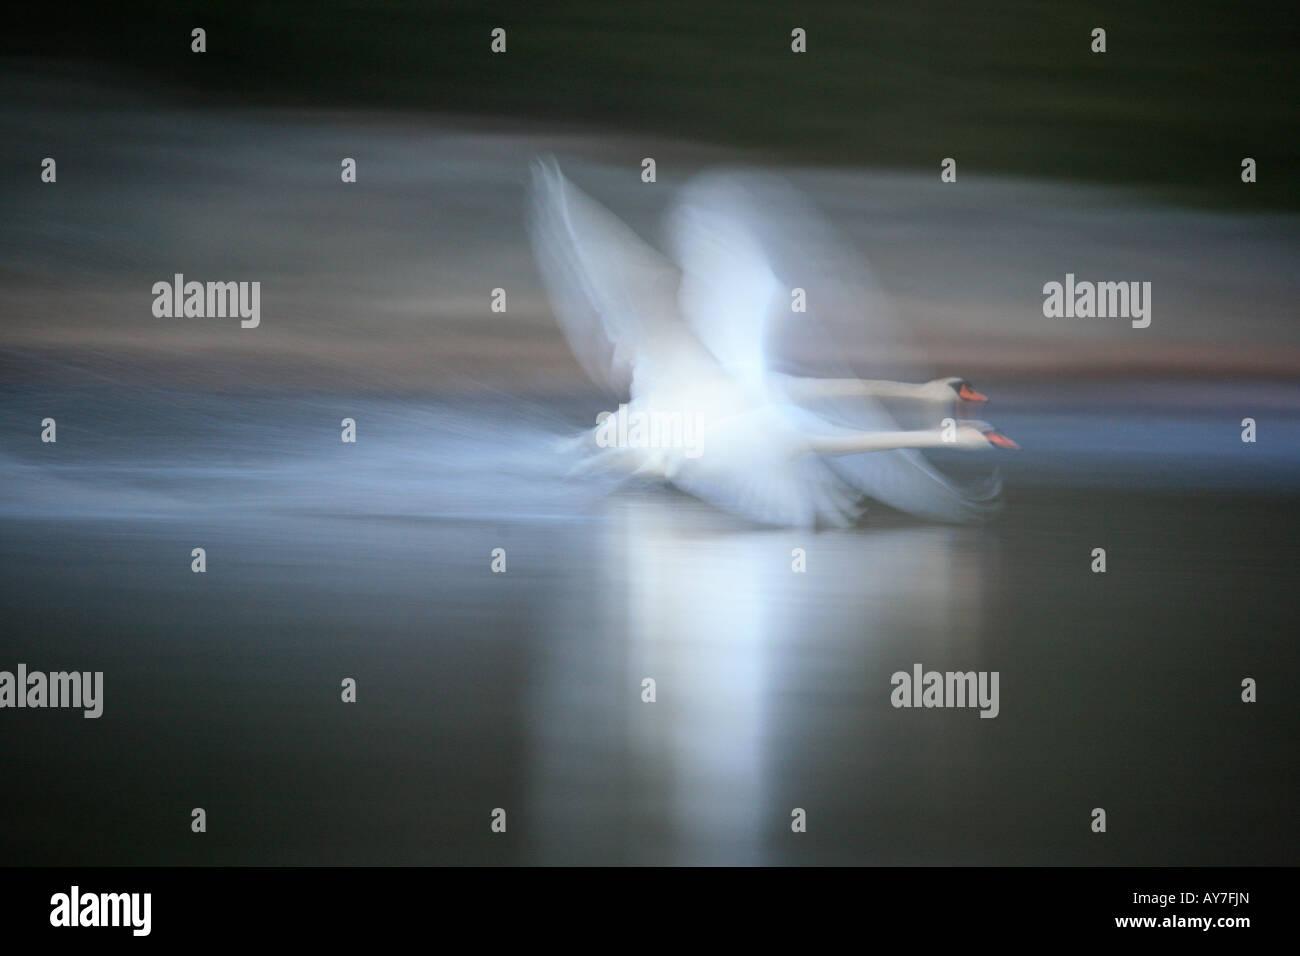 Cigno in volo da sogno sul lago Vansjø, Østfold fylke, Norvegia. Immagini Stock